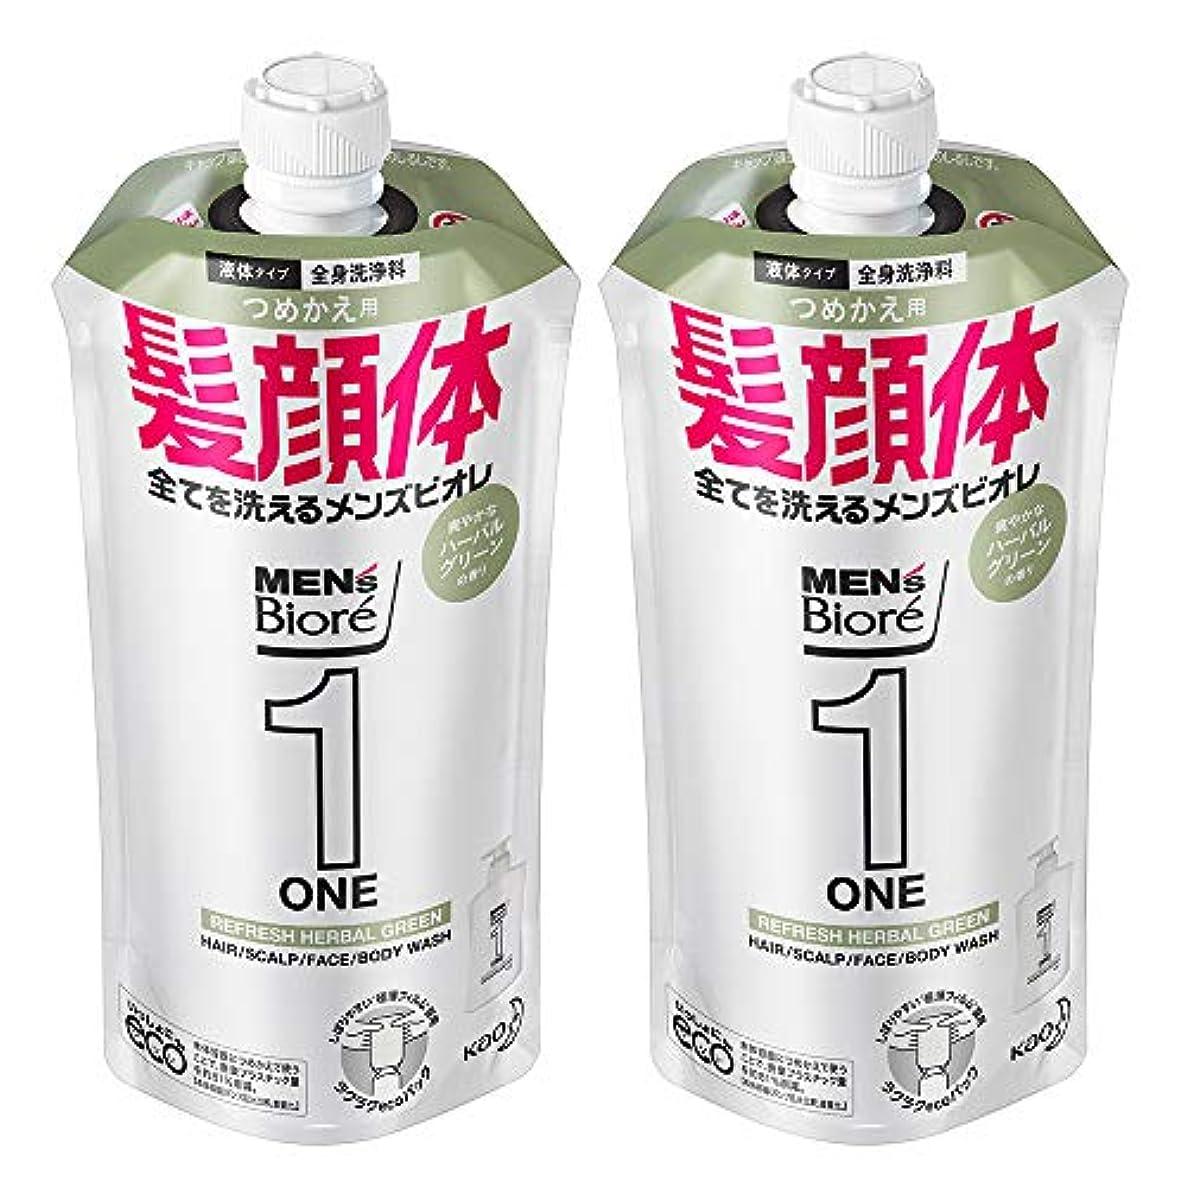 マート才能解放【まとめ買い】メンズビオレ ONE オールインワン全身洗浄料 ハーバルグリーンの香り つめかえ用 340ml×2個